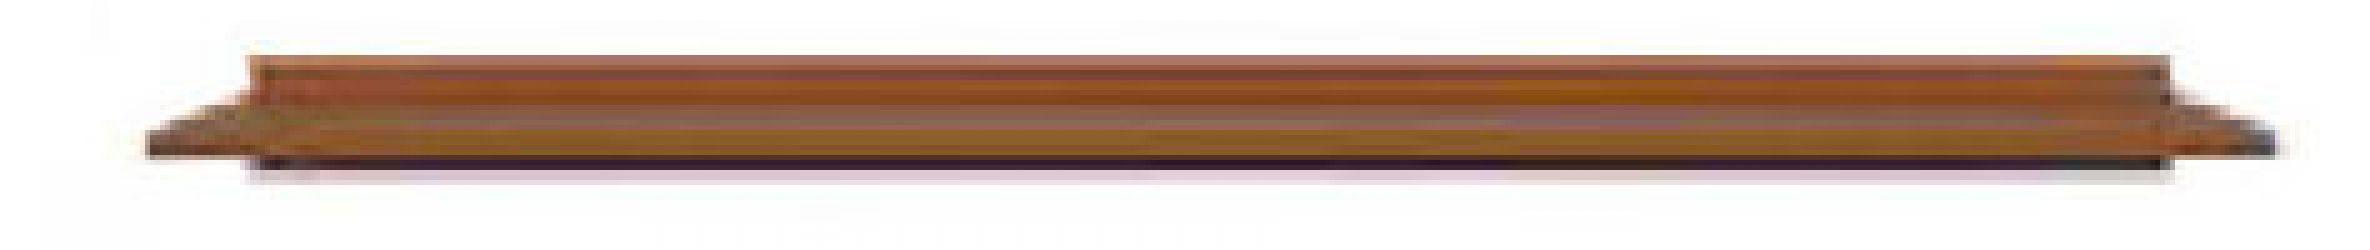 Полка GPNO_118 «Нью-Йорк» Яблоня локарно